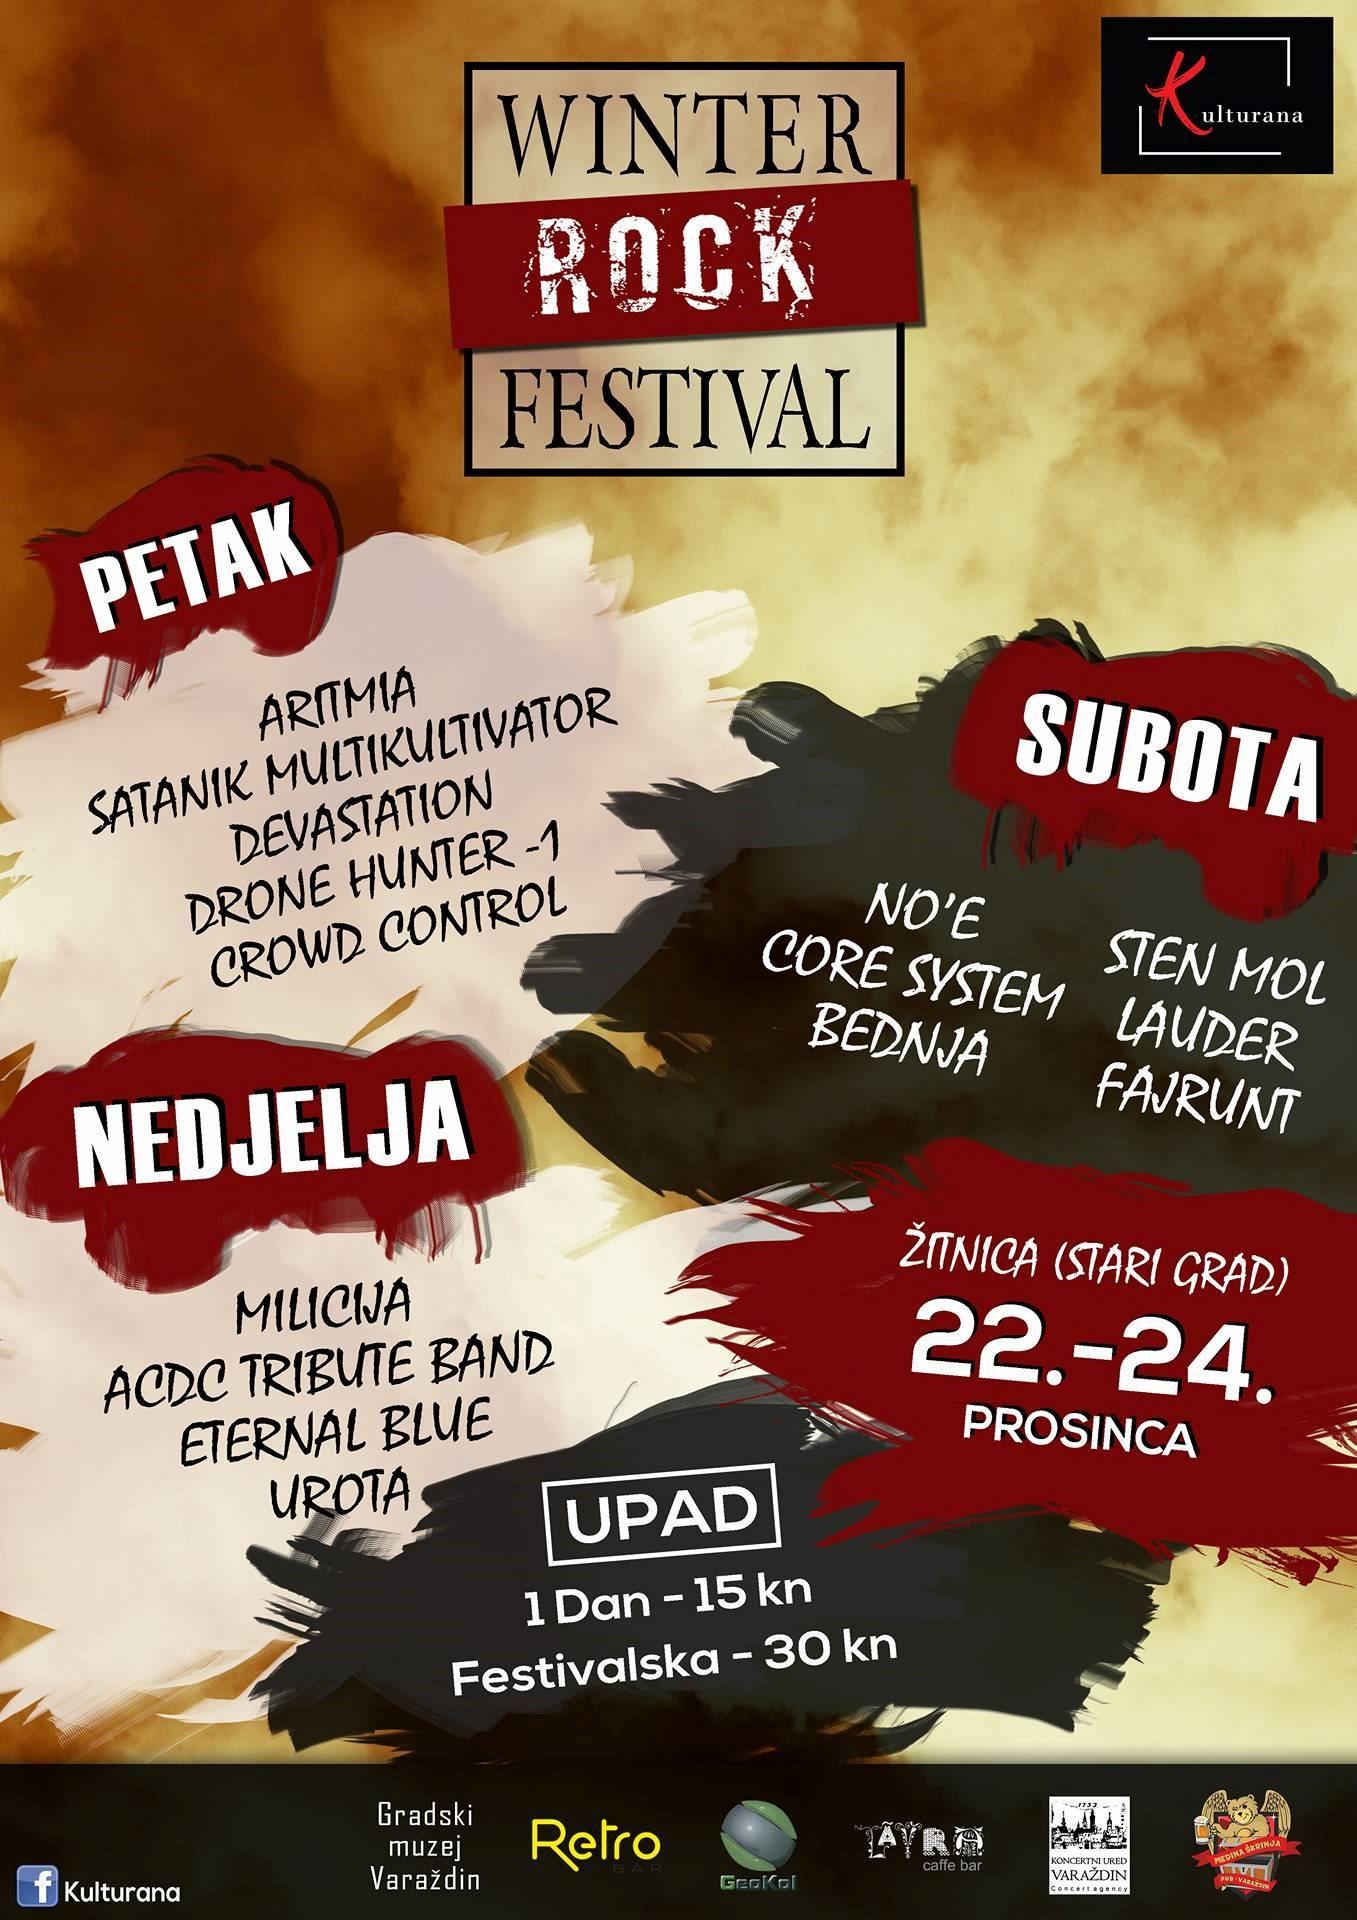 Winter rock festival